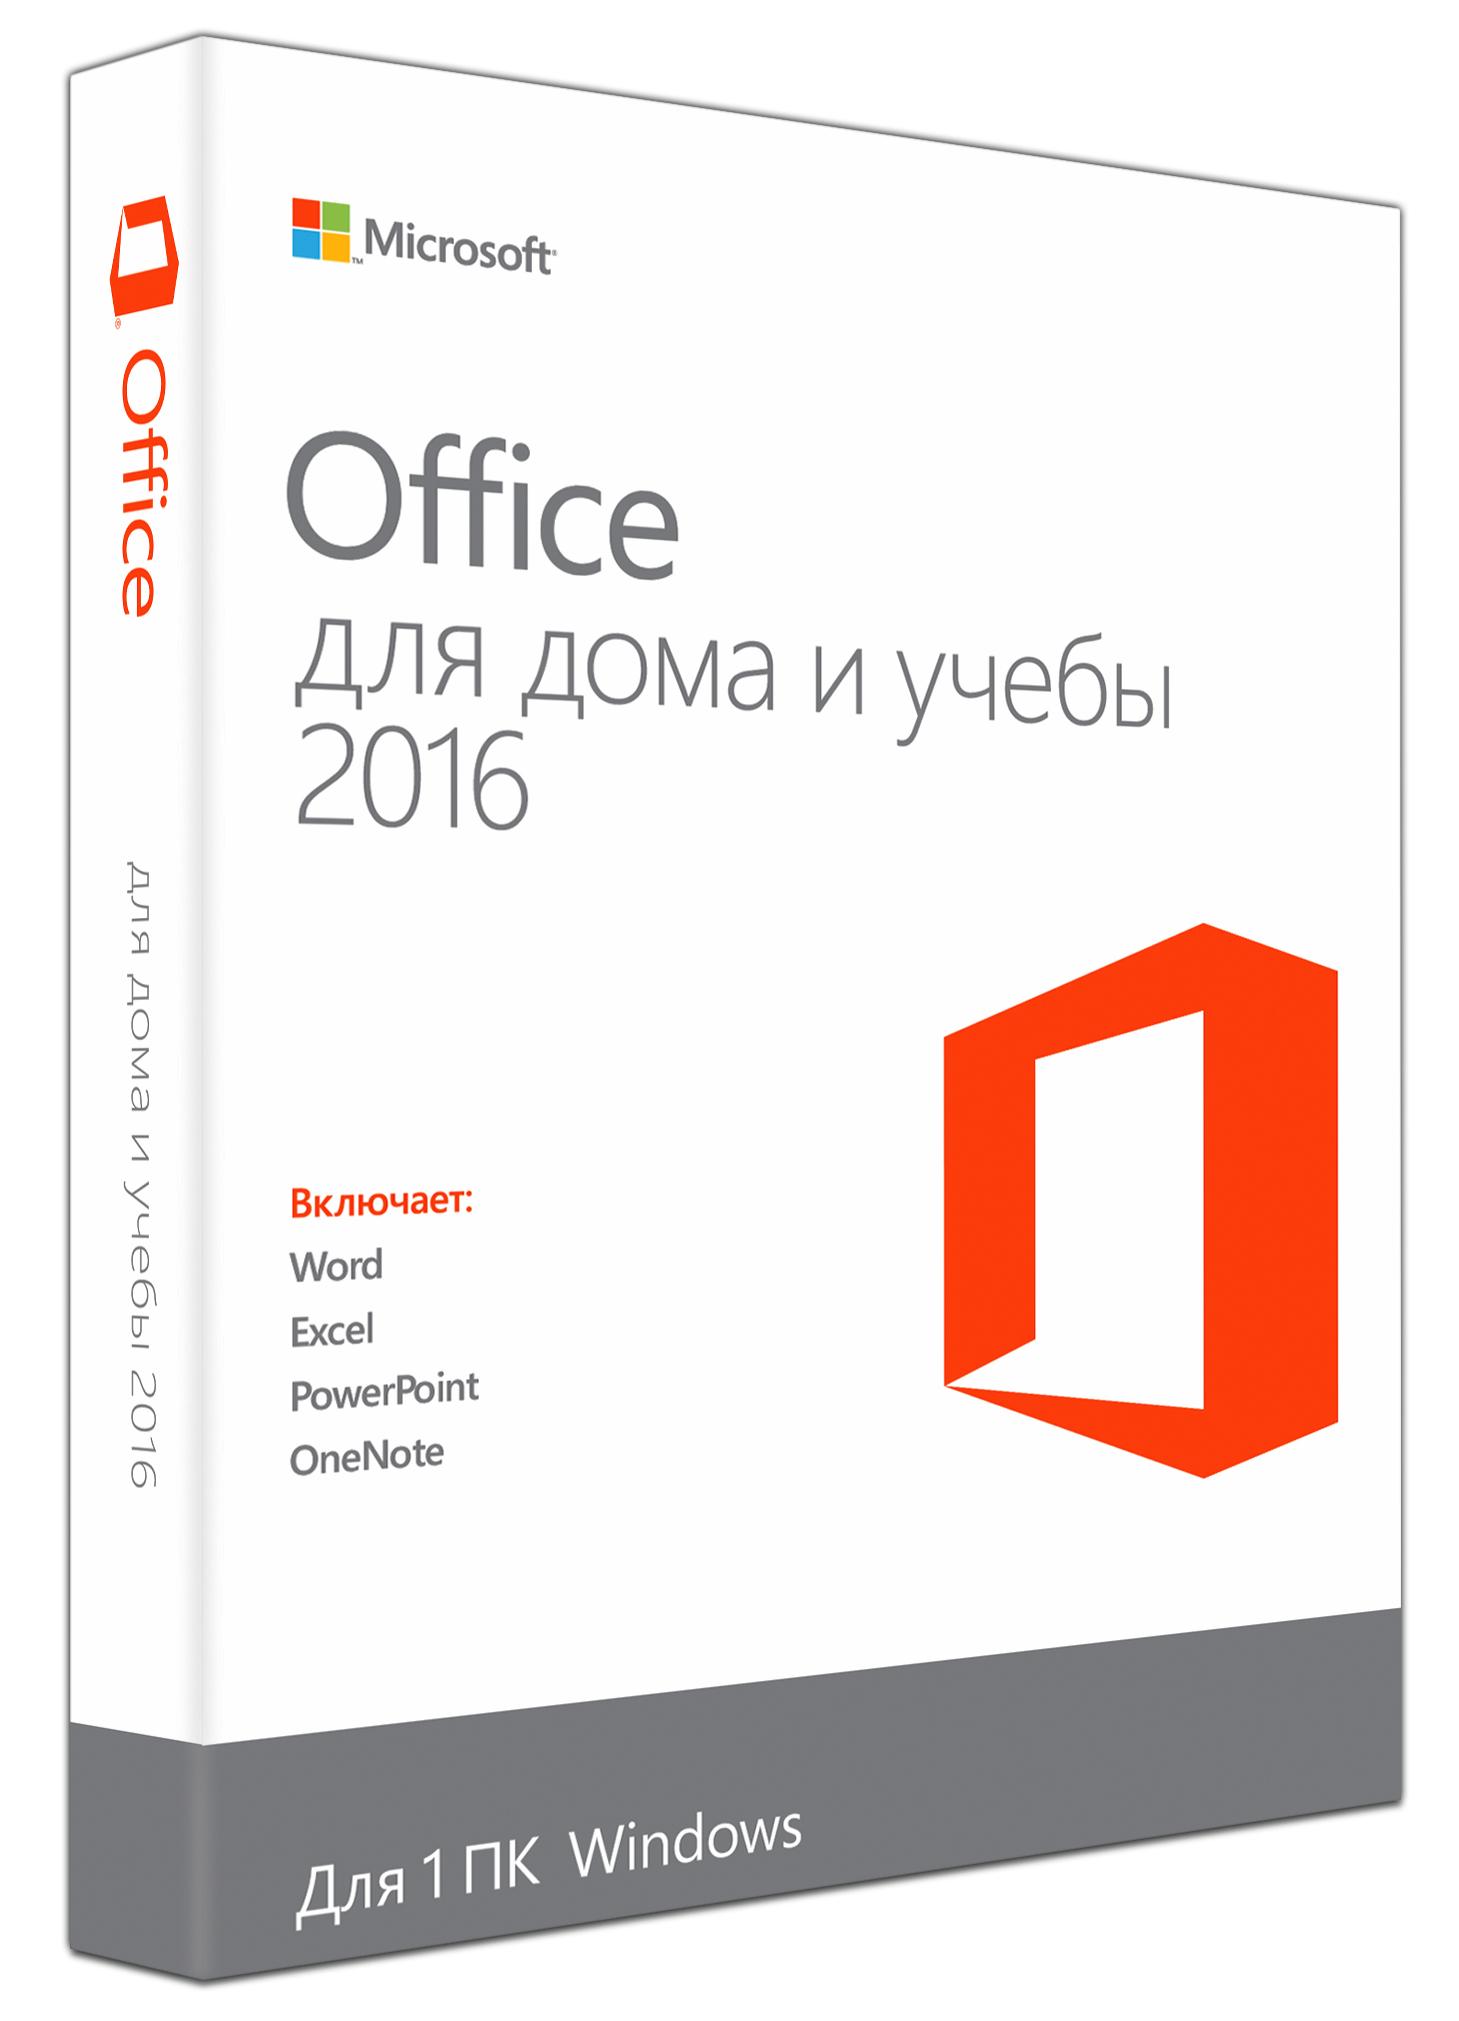 Microsoft Office для дома и учебы 2016. Русская версия